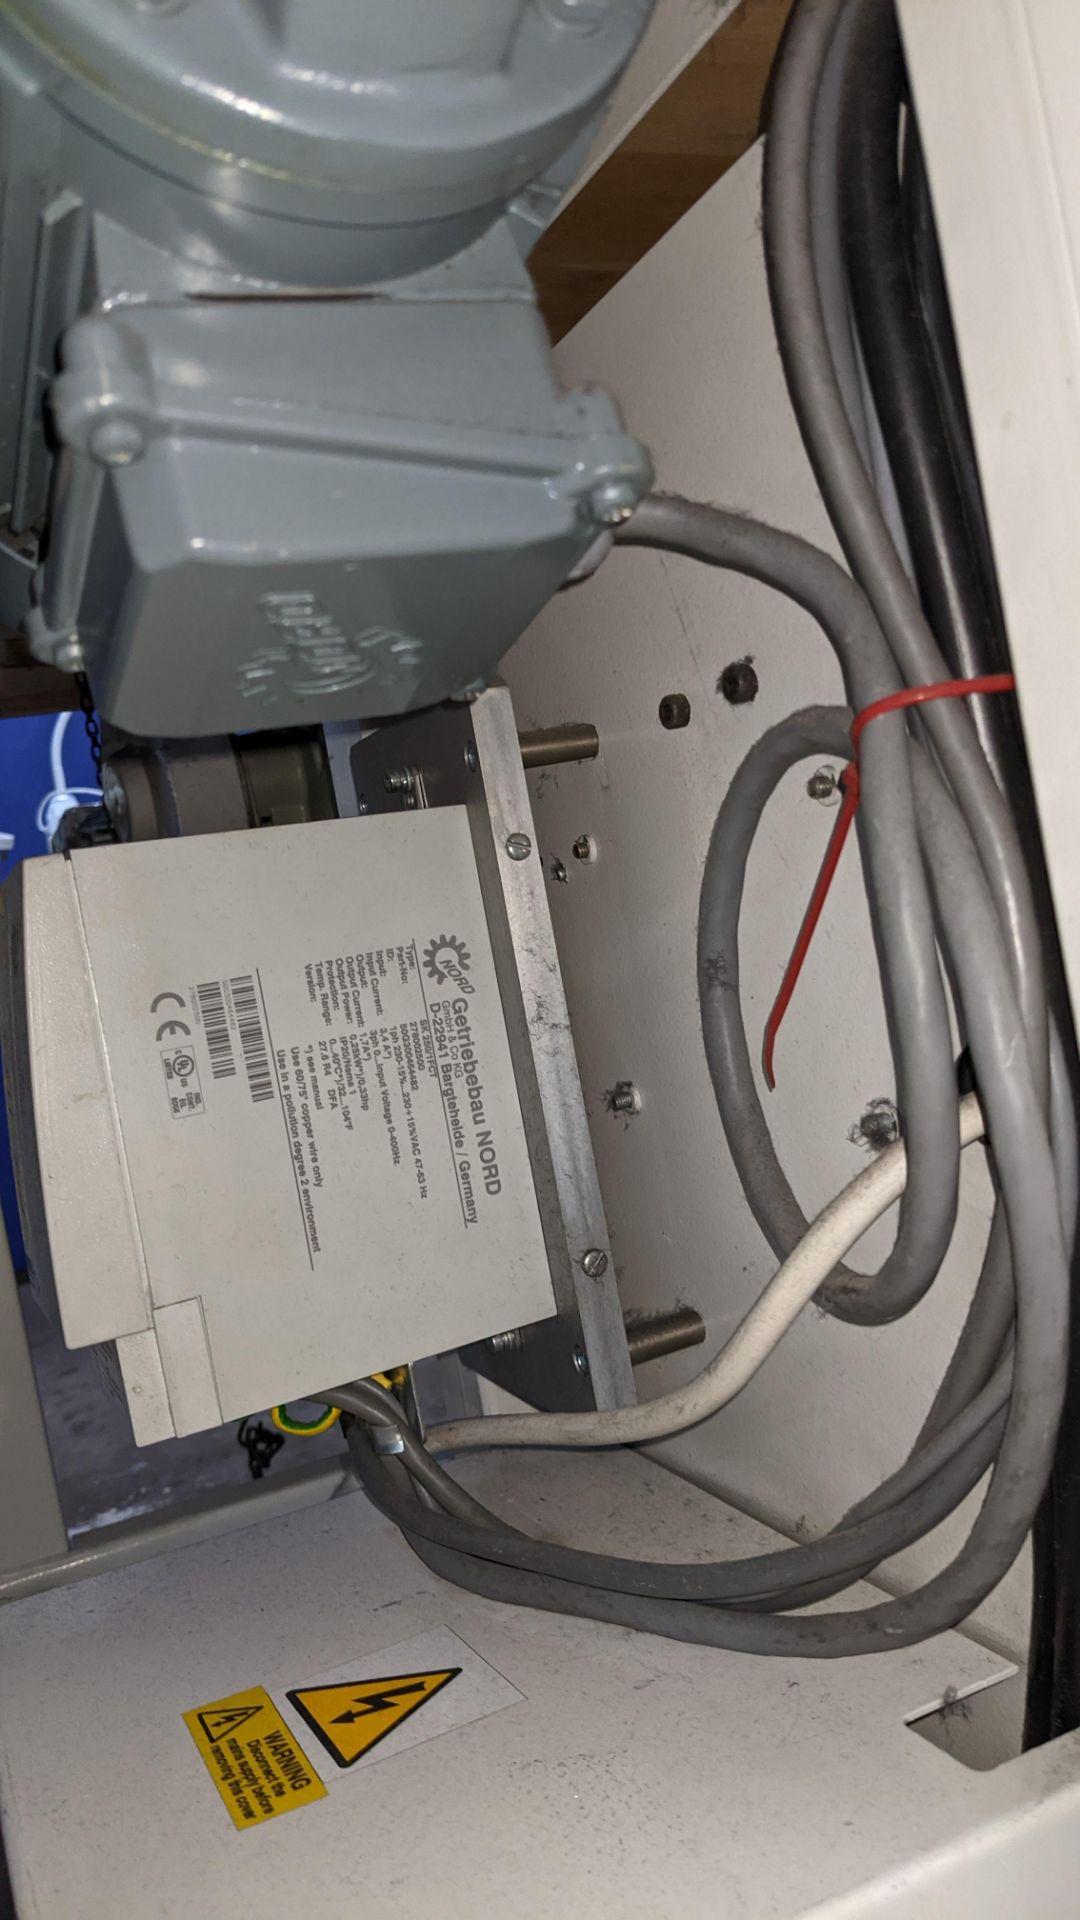 Ardmel seam sealing machine - Image 15 of 18